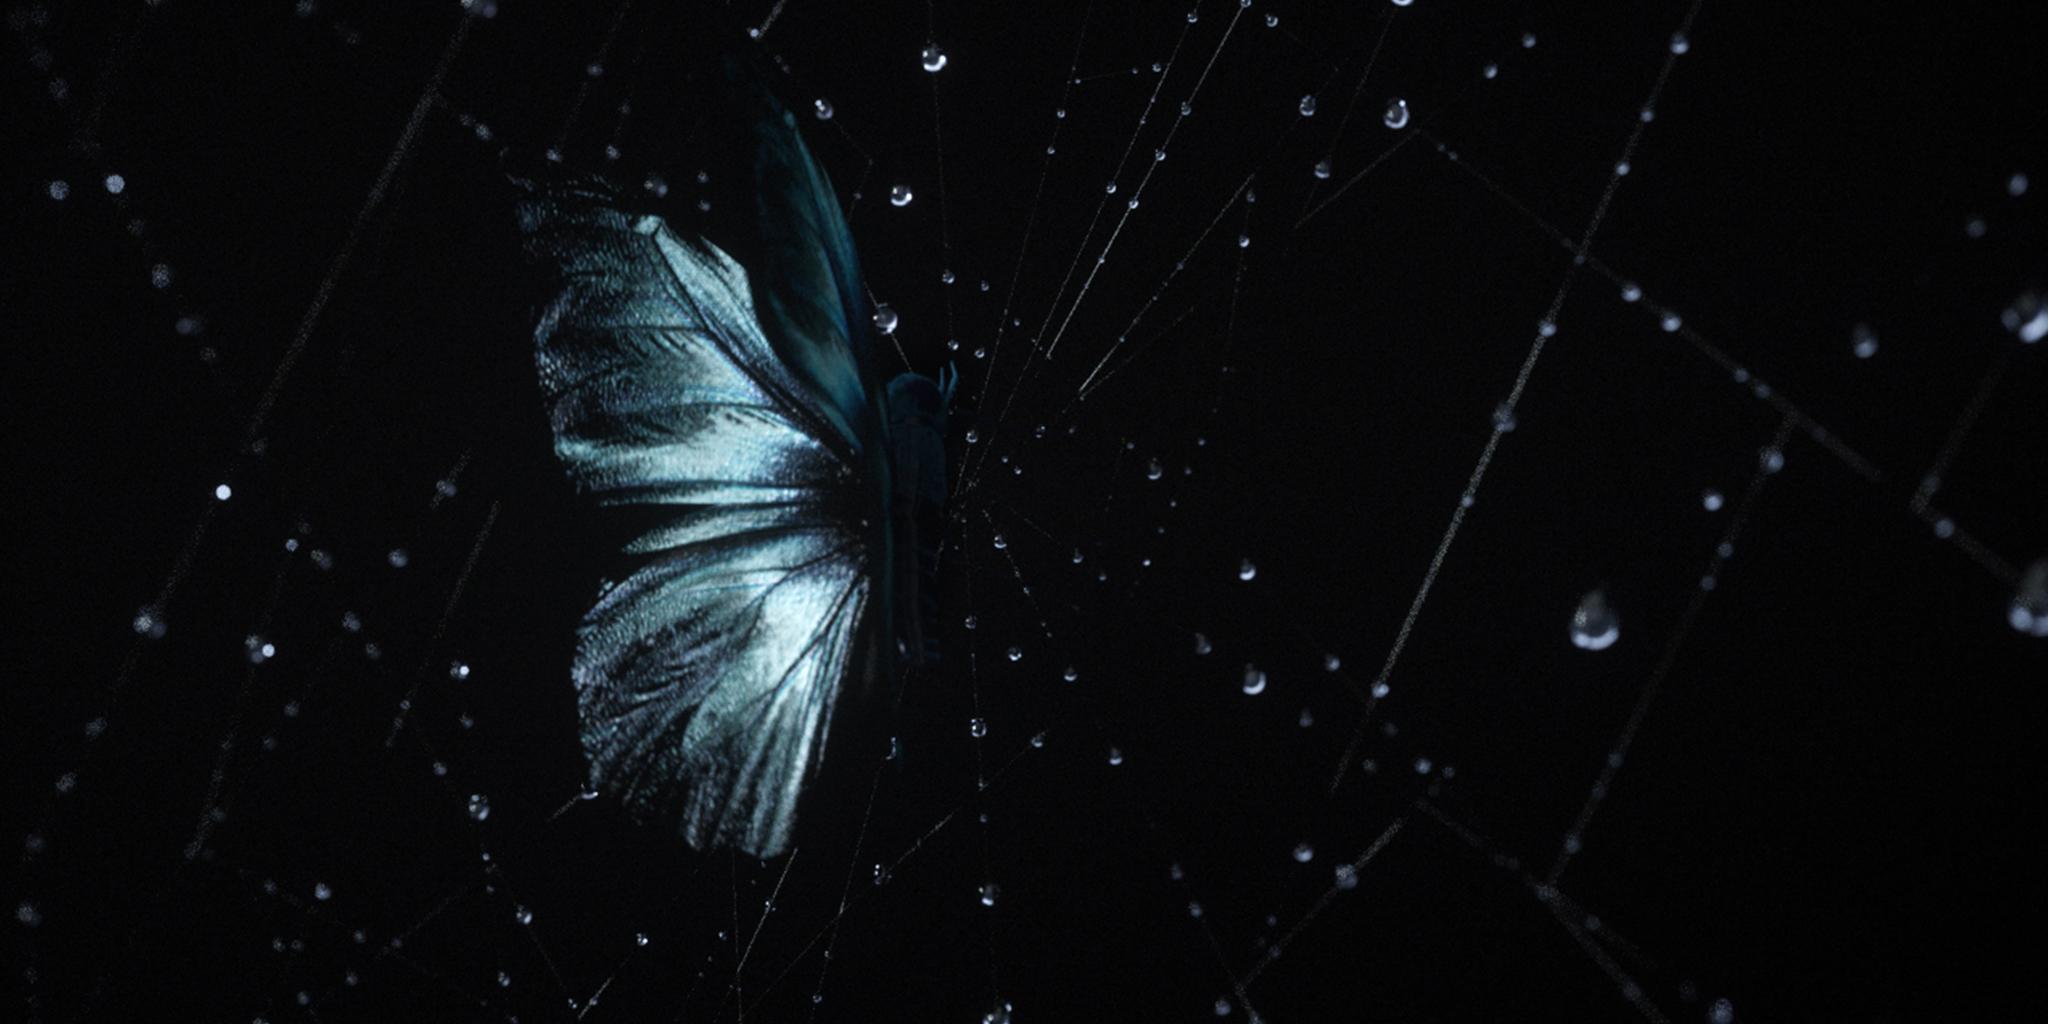 Web_Spider_01